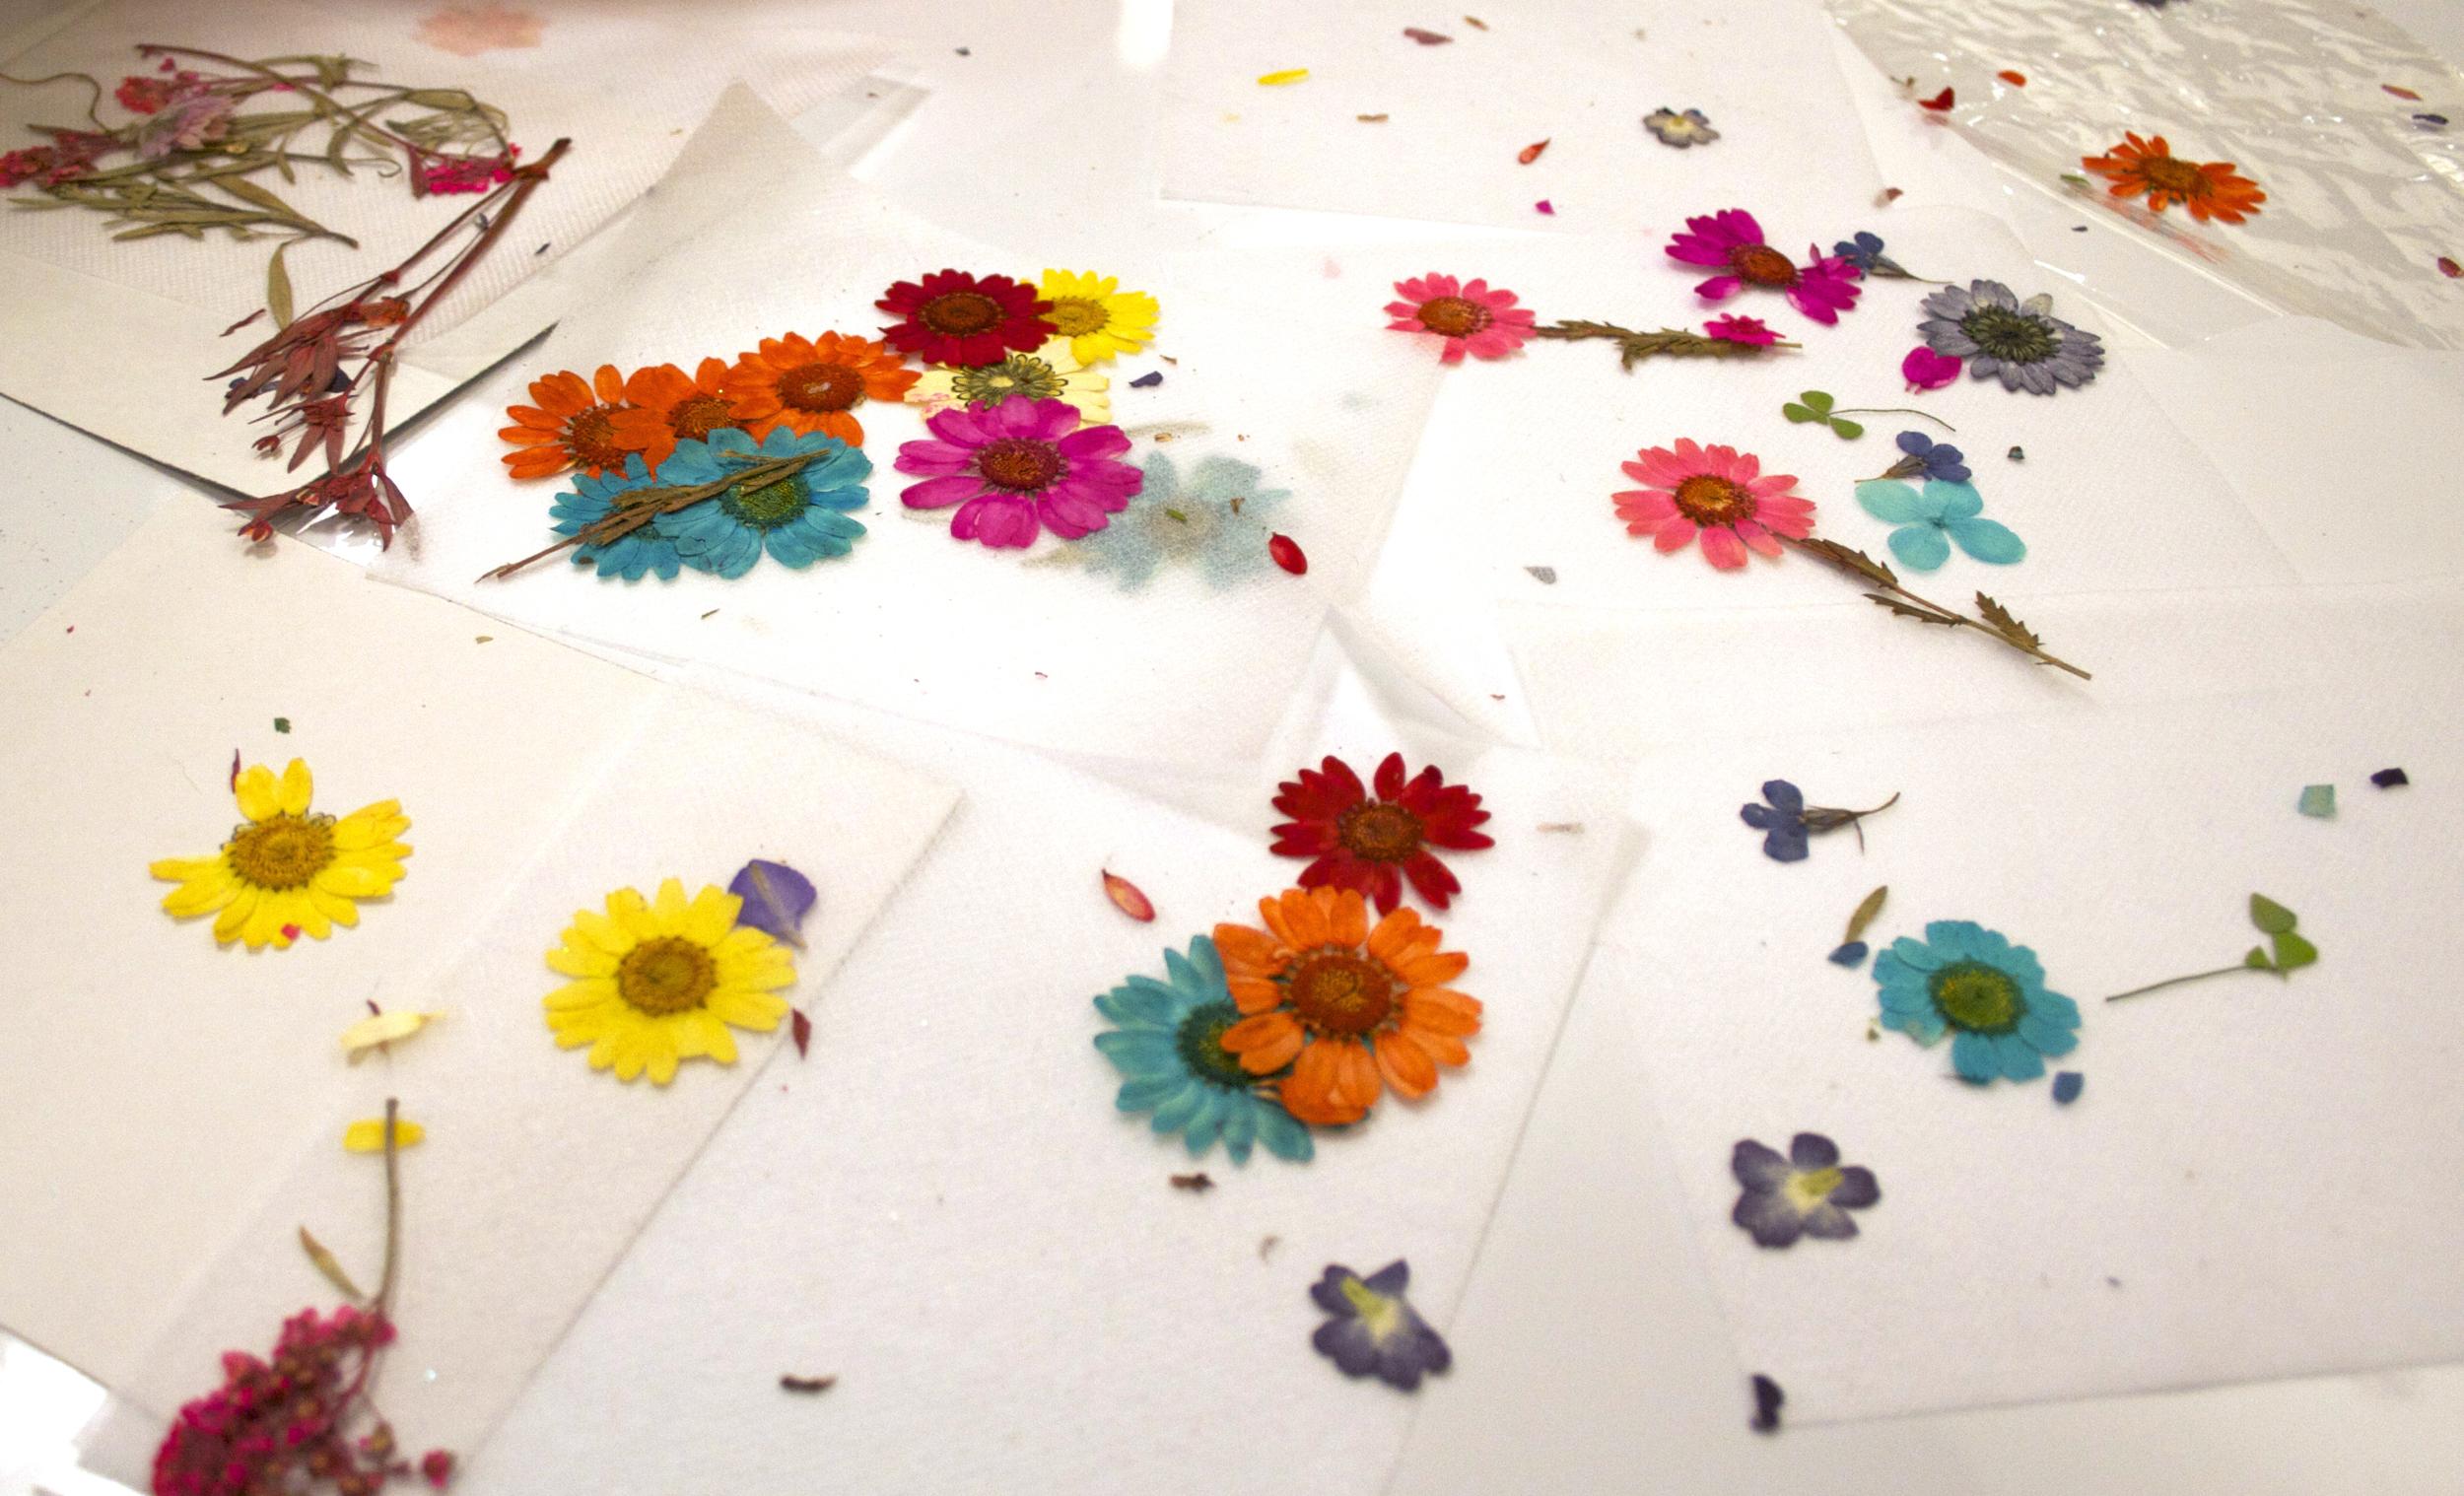 pressed_flowers_diy_macys.jpg